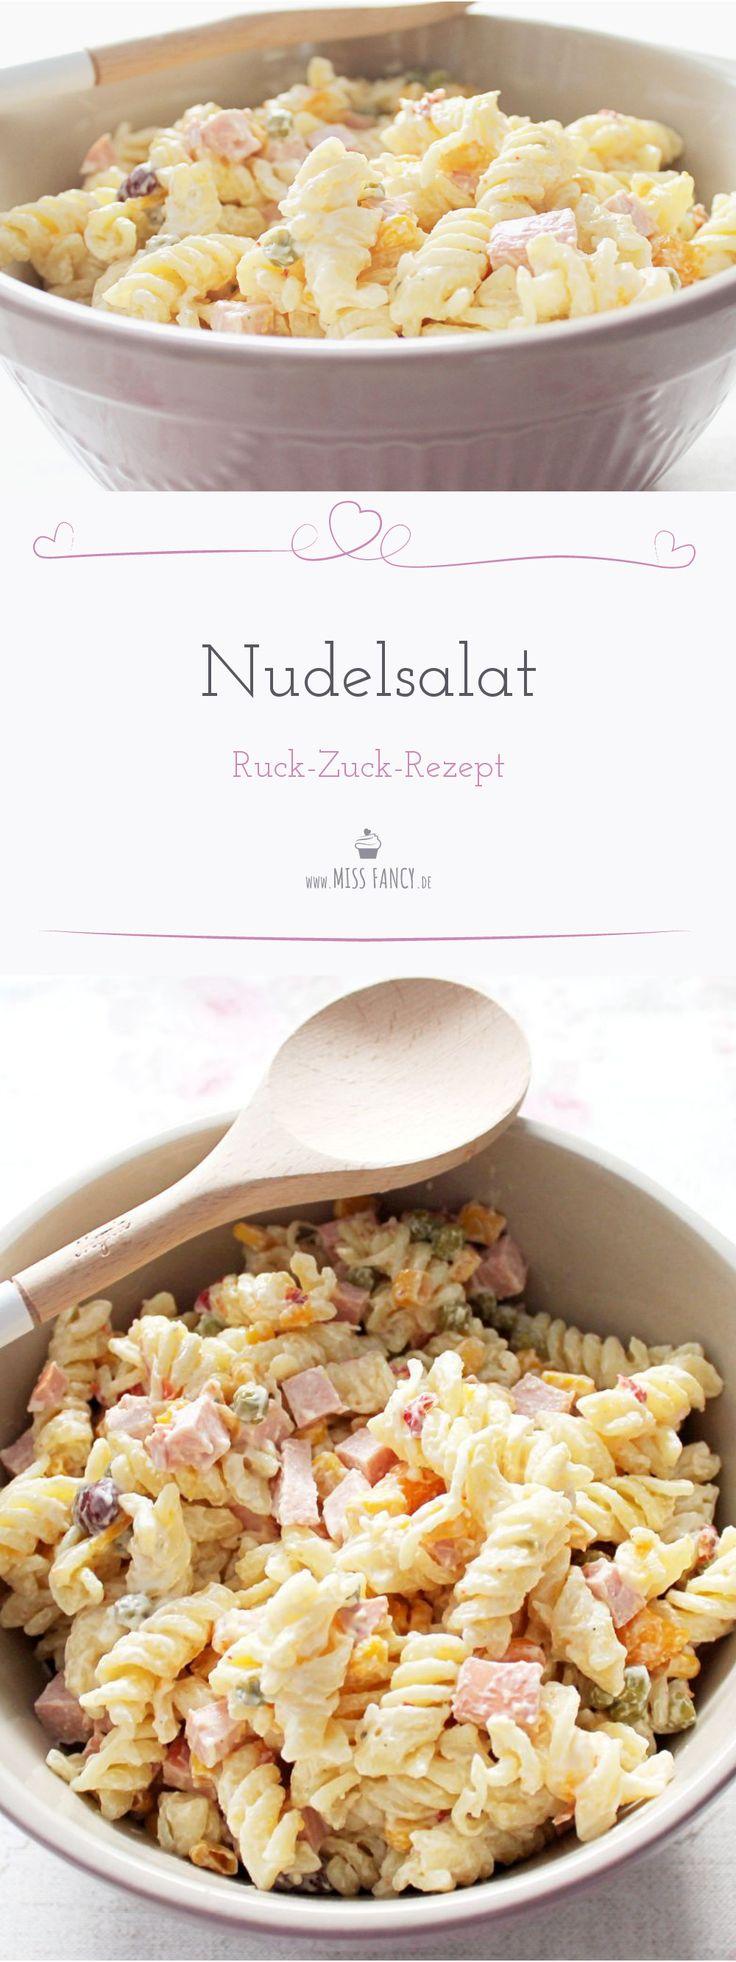 Easy peasy Rezept von einem Nudelsalat – Wenns mal super schnell gehen soll!